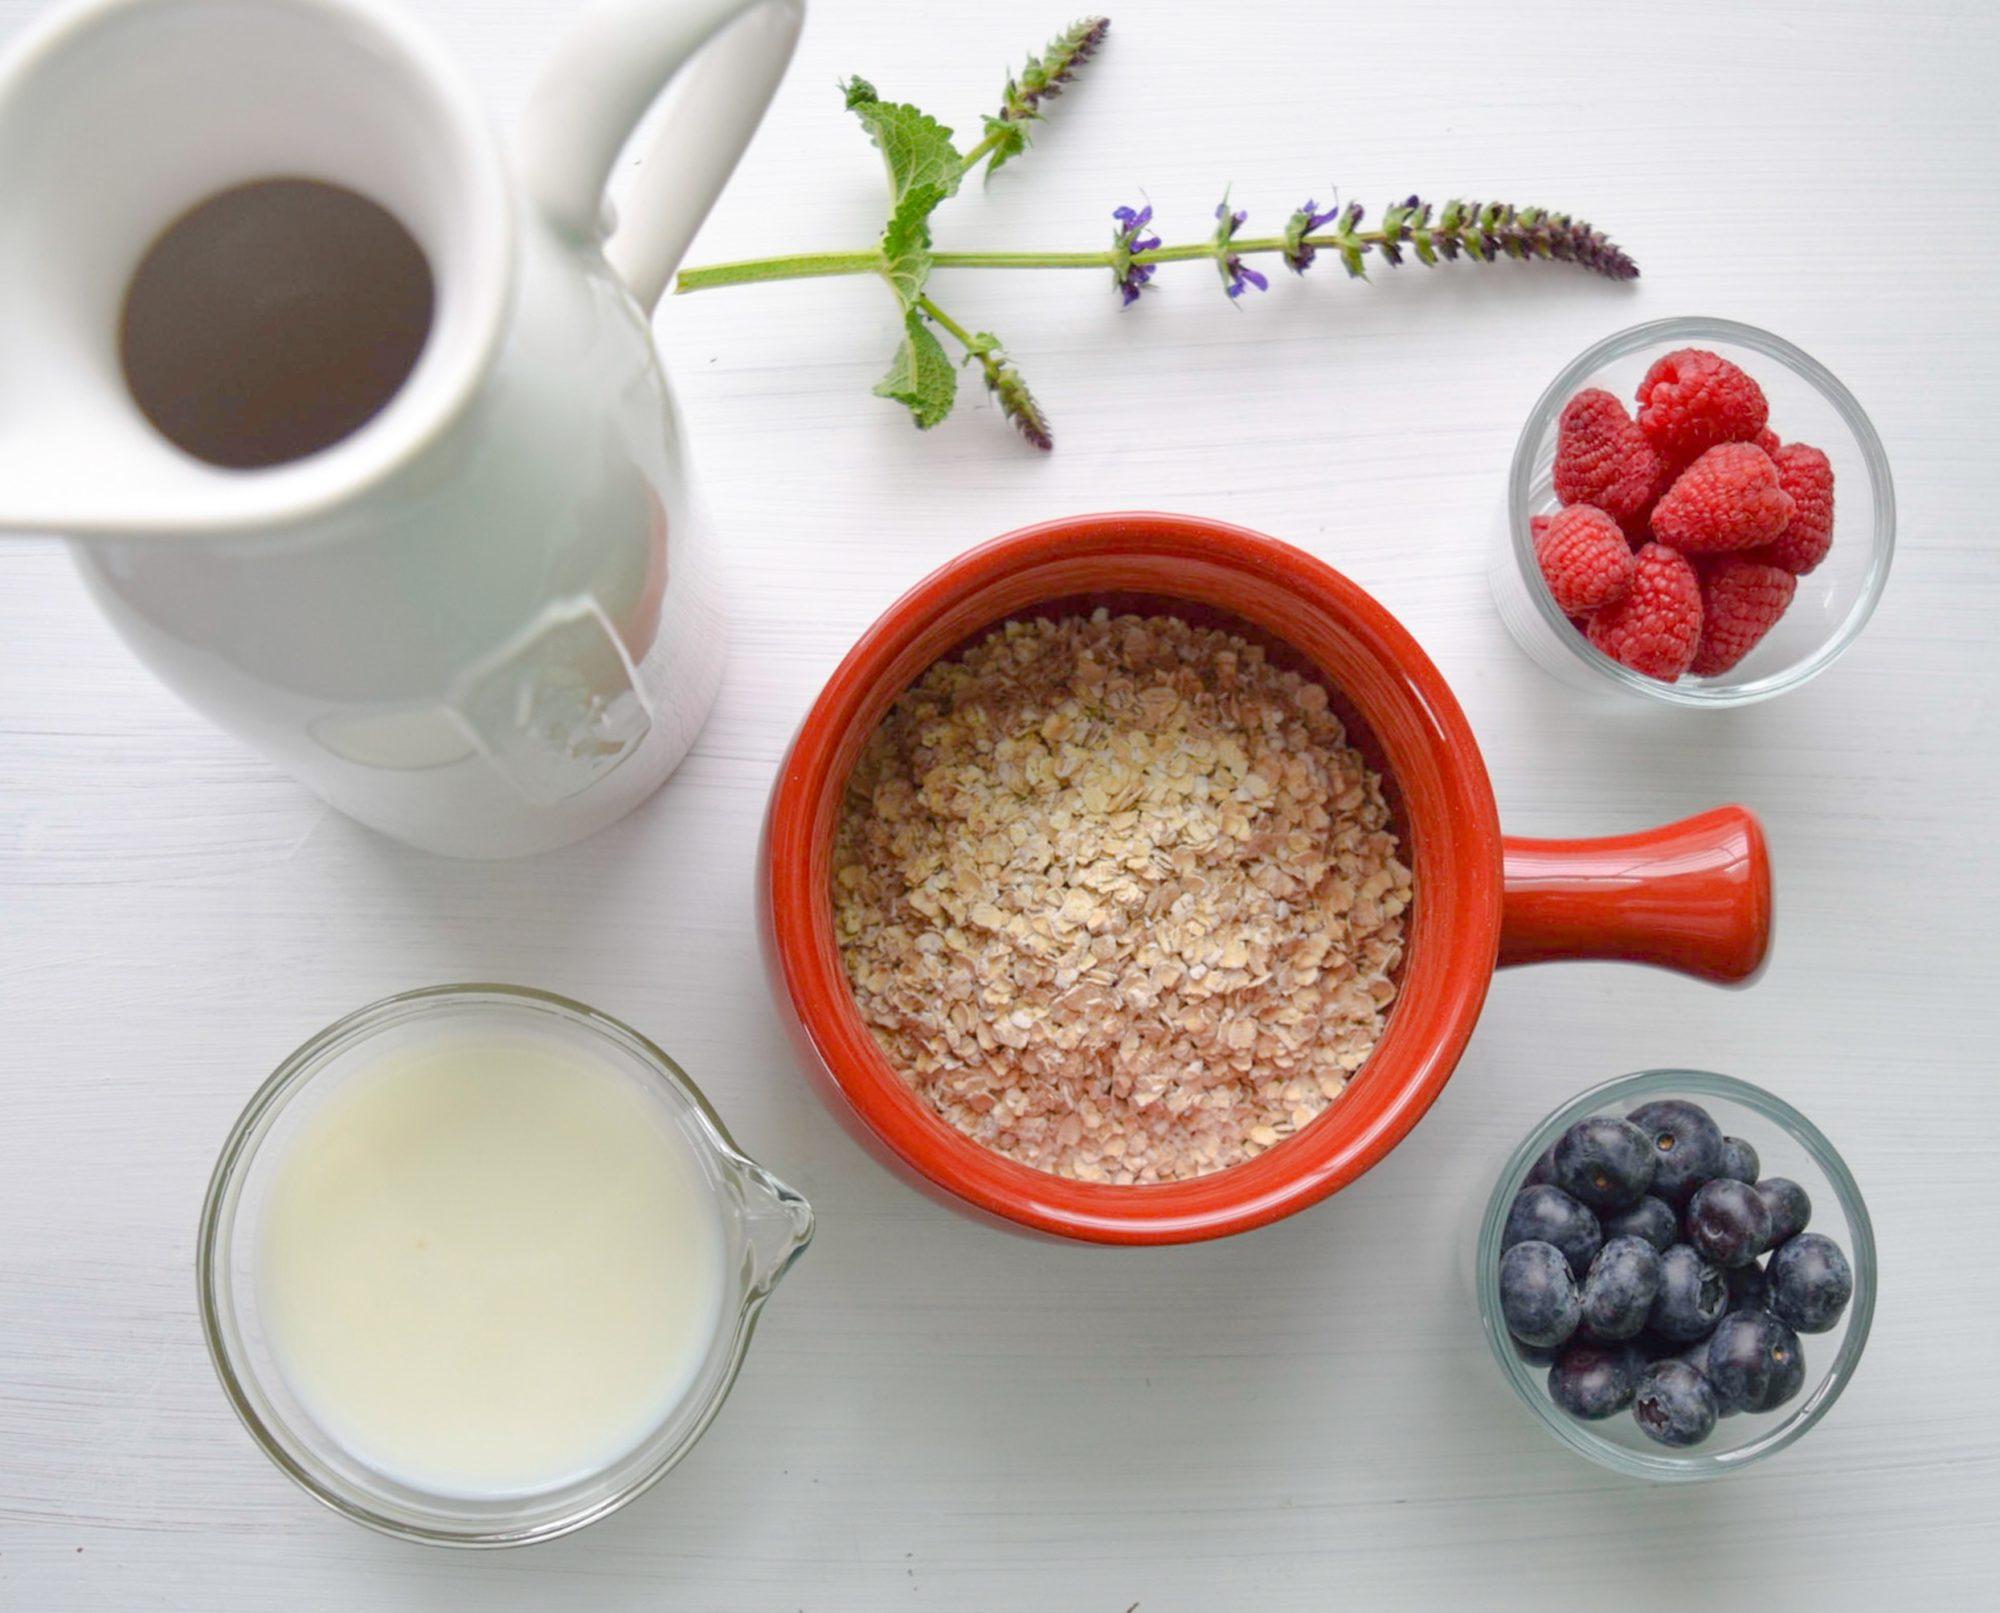 Oat Milk: Your New Eco-Friendly Dairy Alternative